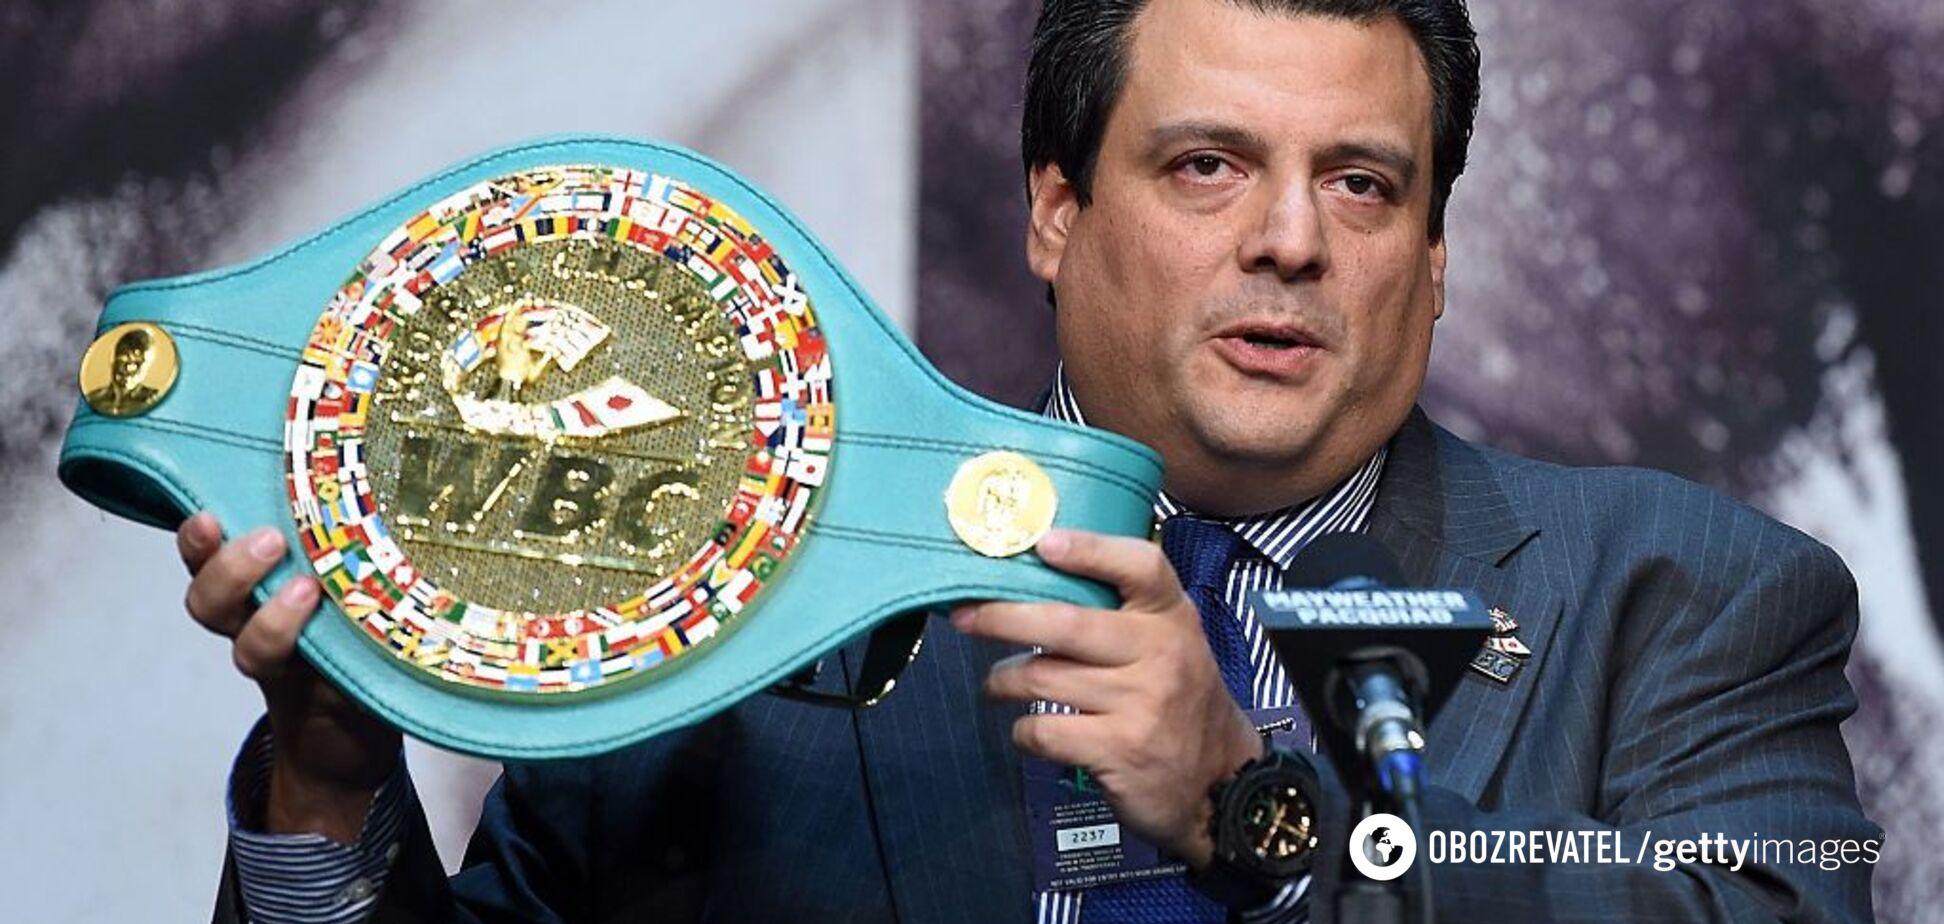 Президент WBC надел сине-желтую кепку с надписью ''Украина'' - видеофакт